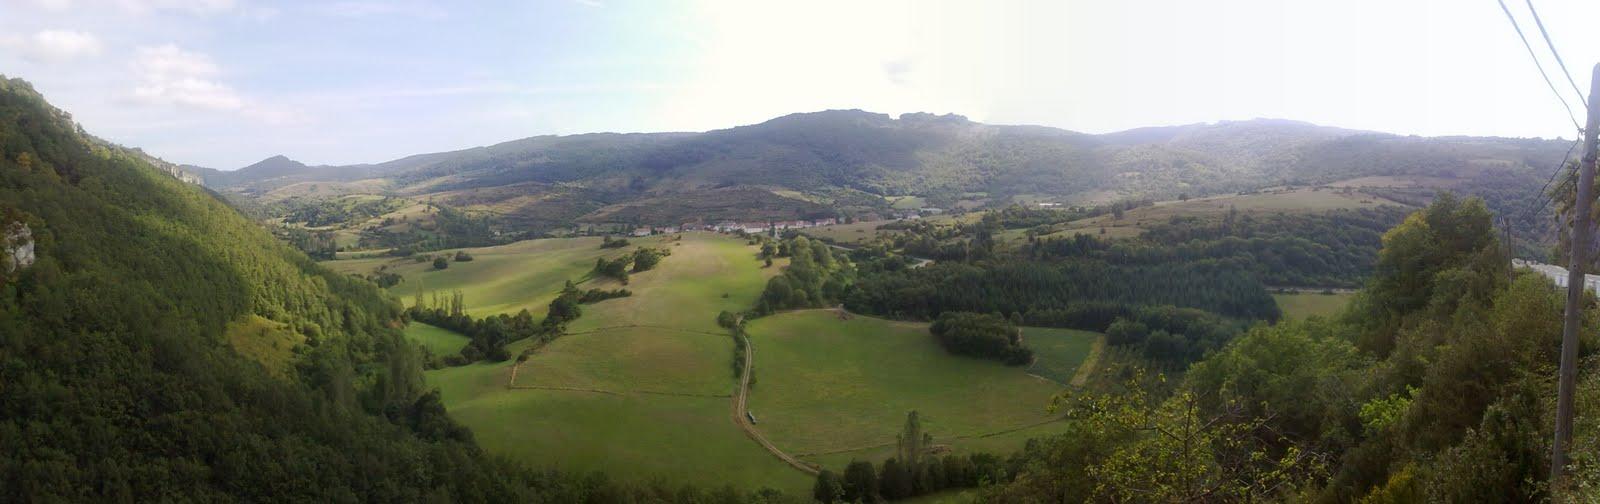 Vista de Garaioa desde la carretera de Hiriberri-Hotel RuralTorre de Uriz